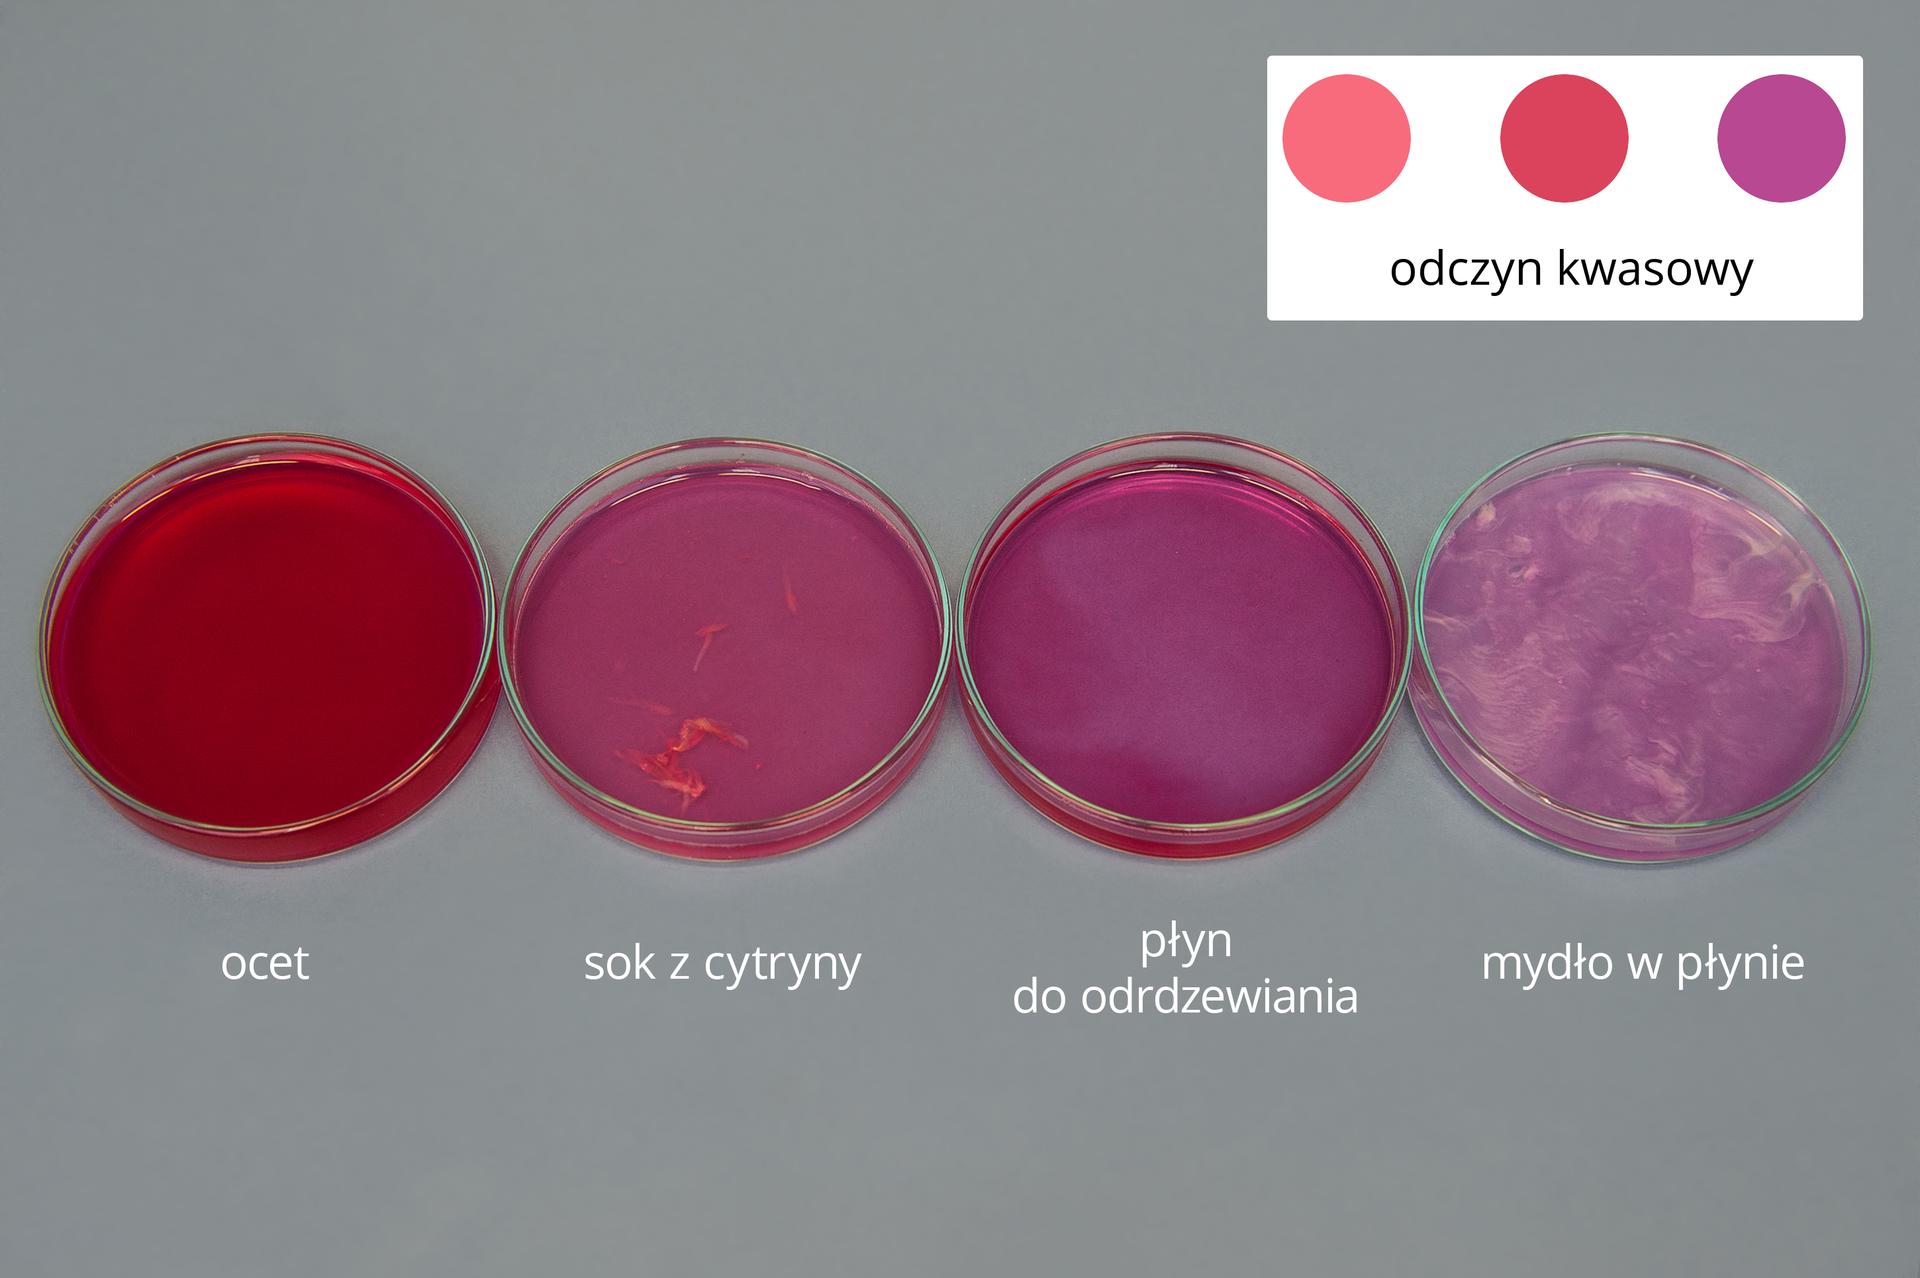 Zdjęcie drugie galerii. Przedstawia zbliżenie na cztery szalki. Ich podpisy to, licząc od lewej: ocet, sok zcytryny, płyn do odrdzewiania oraz mydło wpłynie. Do wszystkich szalek dodany został wskaźnik, wywar zczerwonej kapusty, dlatego też zawartość wszystkich ma kolor przechodzący stopniowo od intensywnie czerwonego wprzypadku octu, do purpurowego dla mydła wpłynie. Legenda umieszczona wprawym górnym rogu informacji informuje, że takie kolory wywaru zczerwonej kapusty oznaczają odczyn kwaśny.